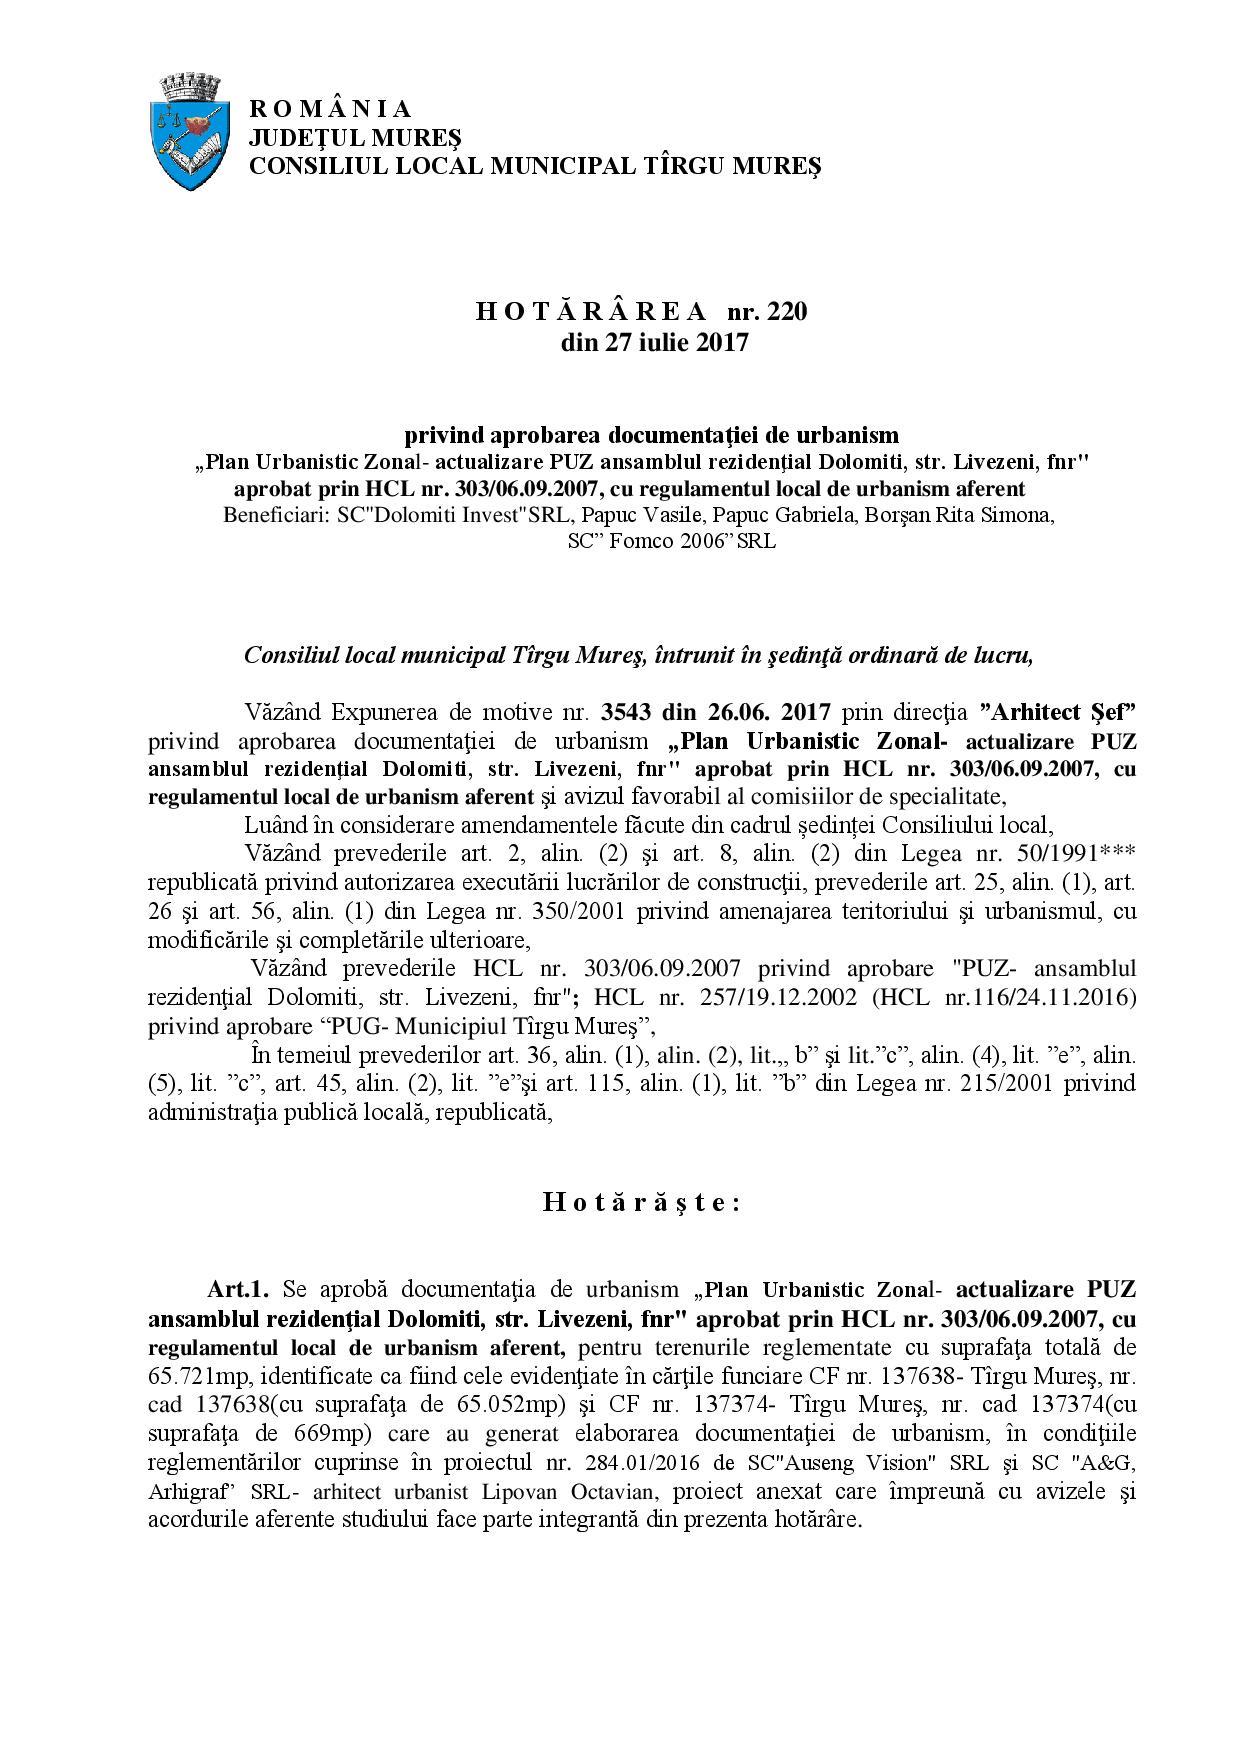 """se actualizează documentația PUZ aprobată prin HCL nr. 303/2007. La art. 2 alin. 2 se menționează expres că """"anterior eliberării autorizaţiilor de construire, vor fi obţinute şi prezentate acordurile autentificate ale tuturor proprietarilor imobilelor afectate de trama stradală propusă prin studiul de circulaţie avizat"""